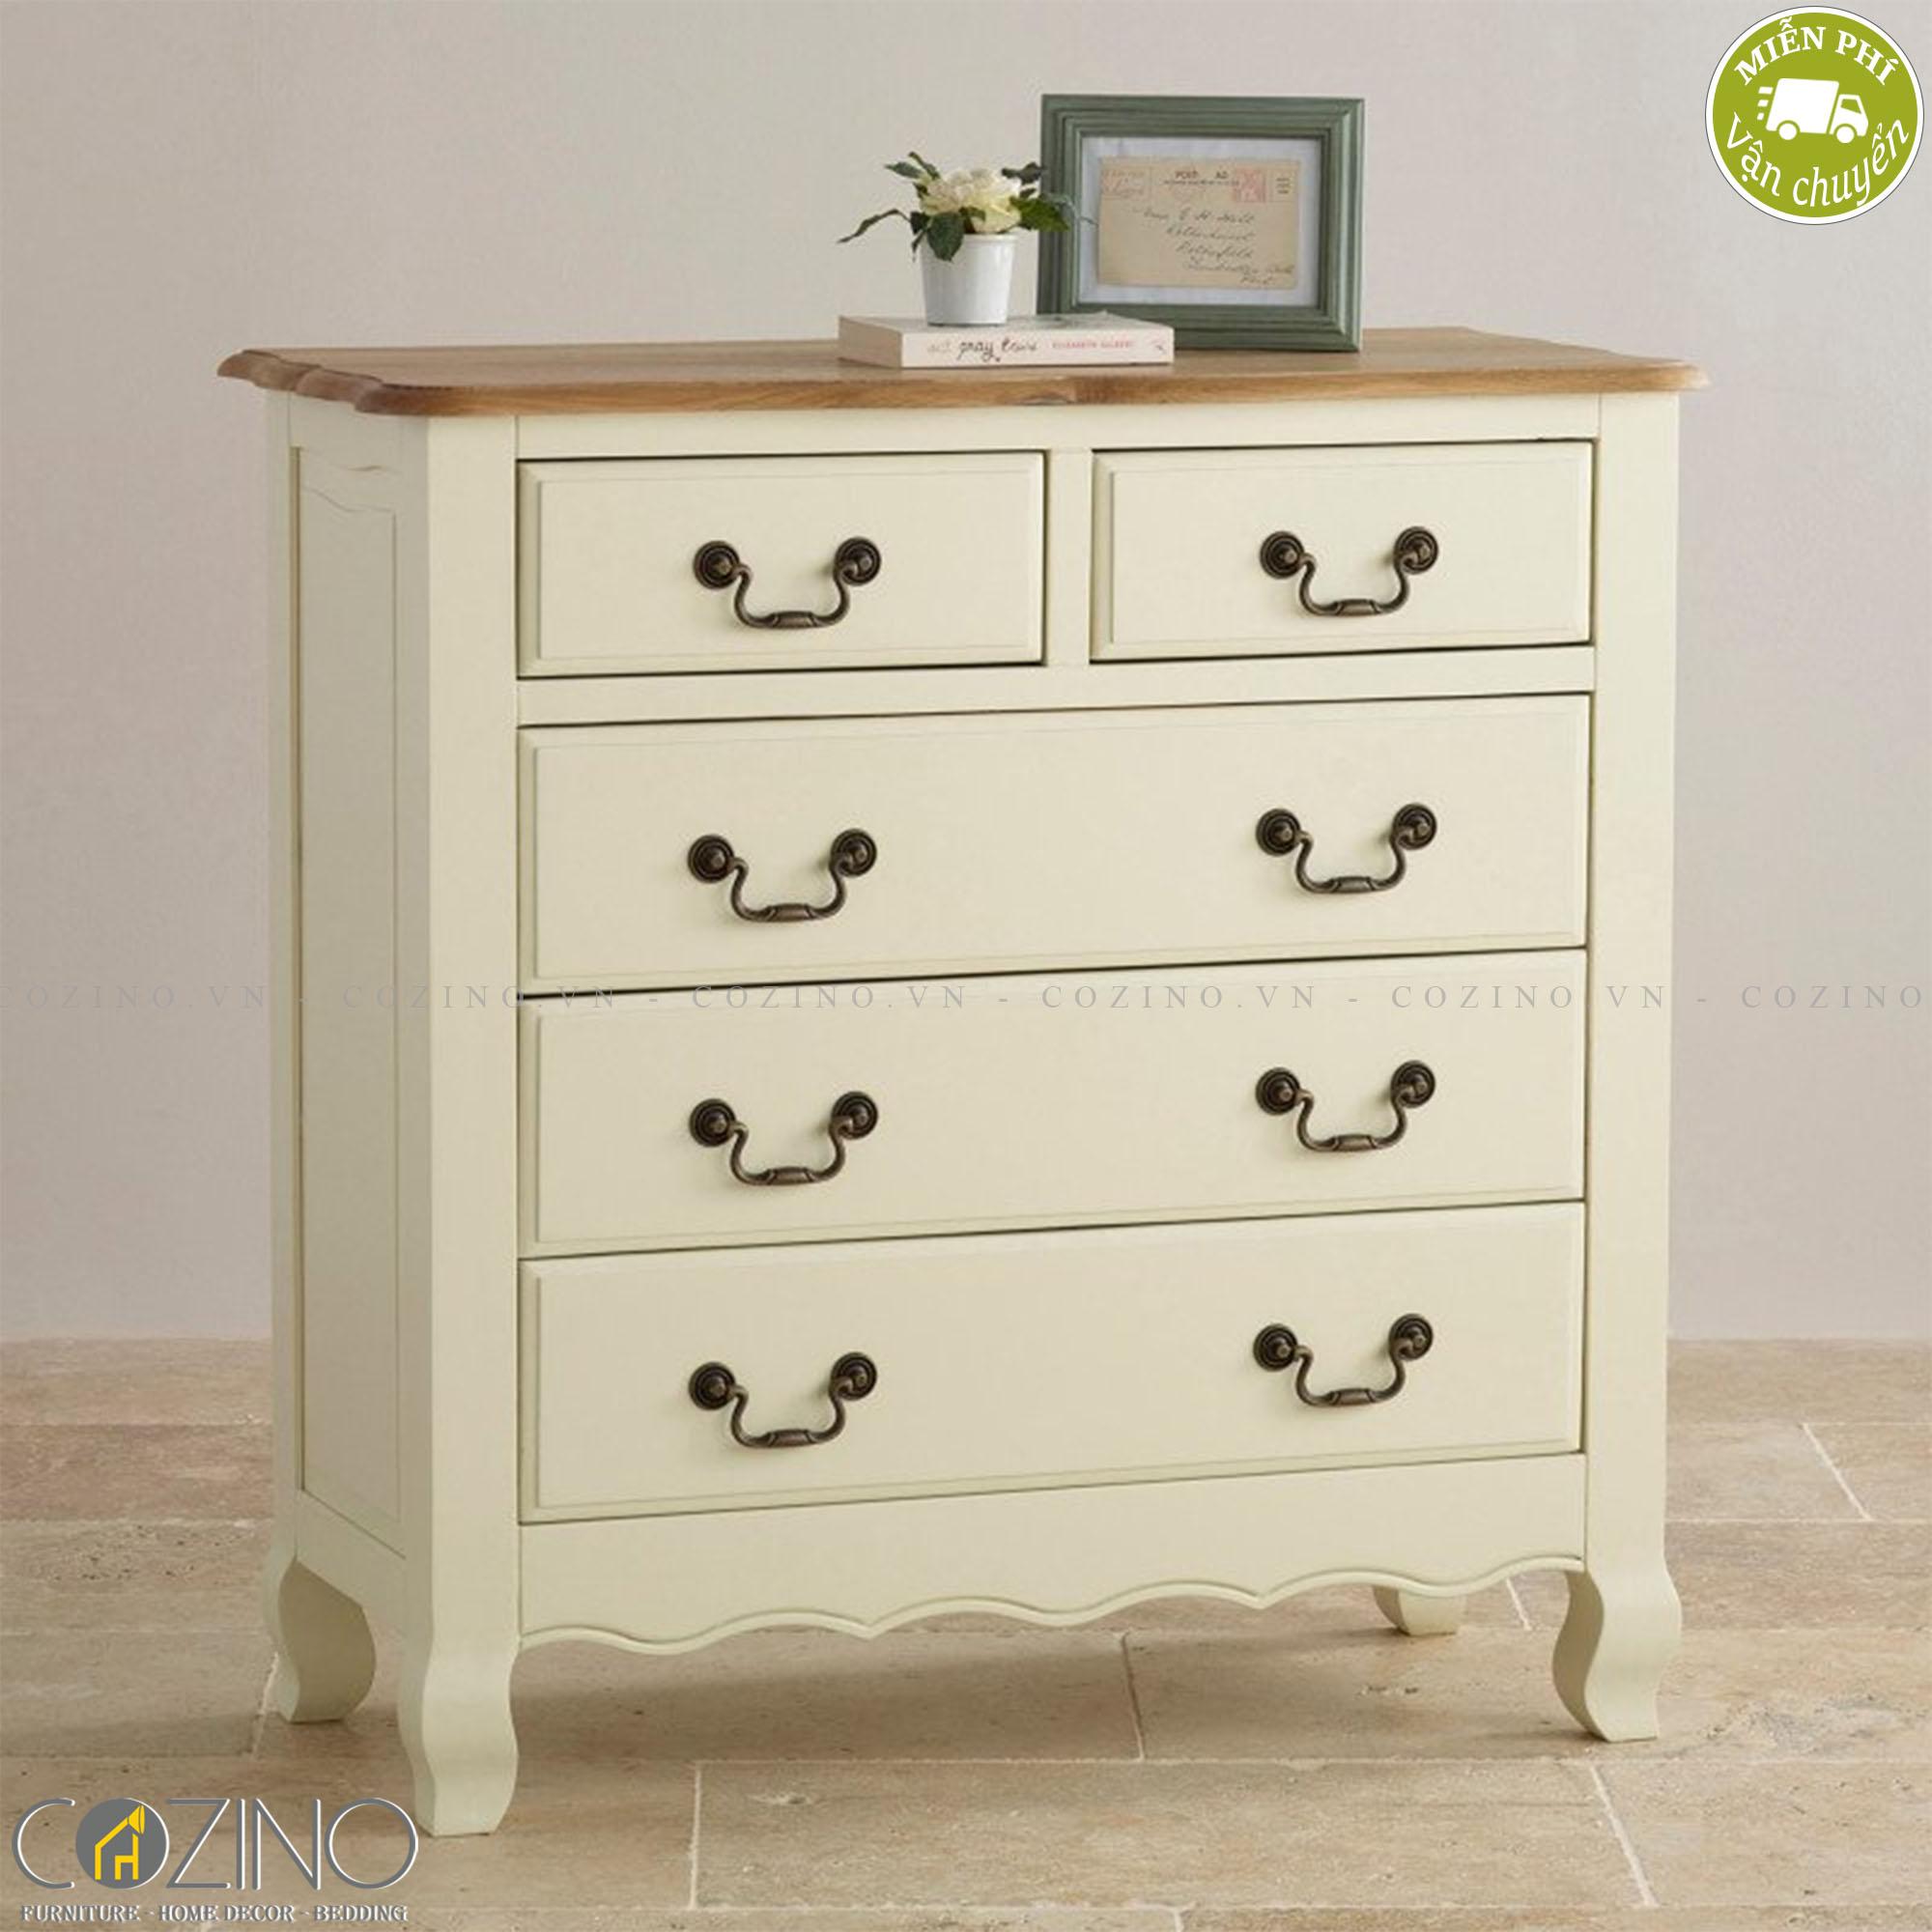 Tủ ngăn kéo ngang Skye 5 hộc gỗ sồi- Cozino